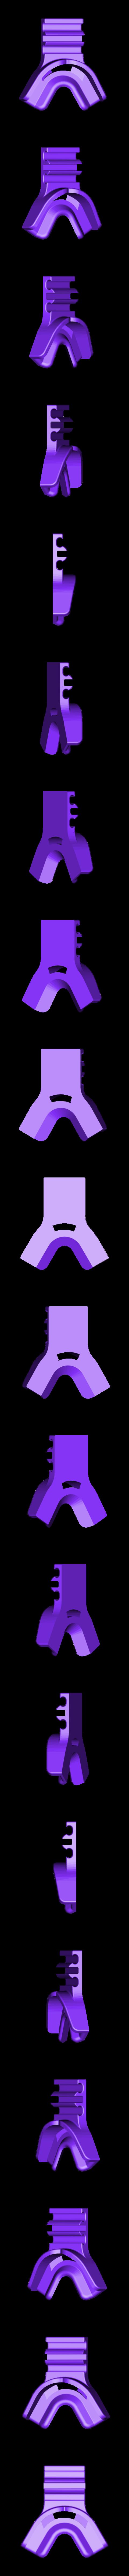 GUMSHIELD.STL Télécharger fichier STL gratuit gumPhone • Modèle à imprimer en 3D, Boyvard